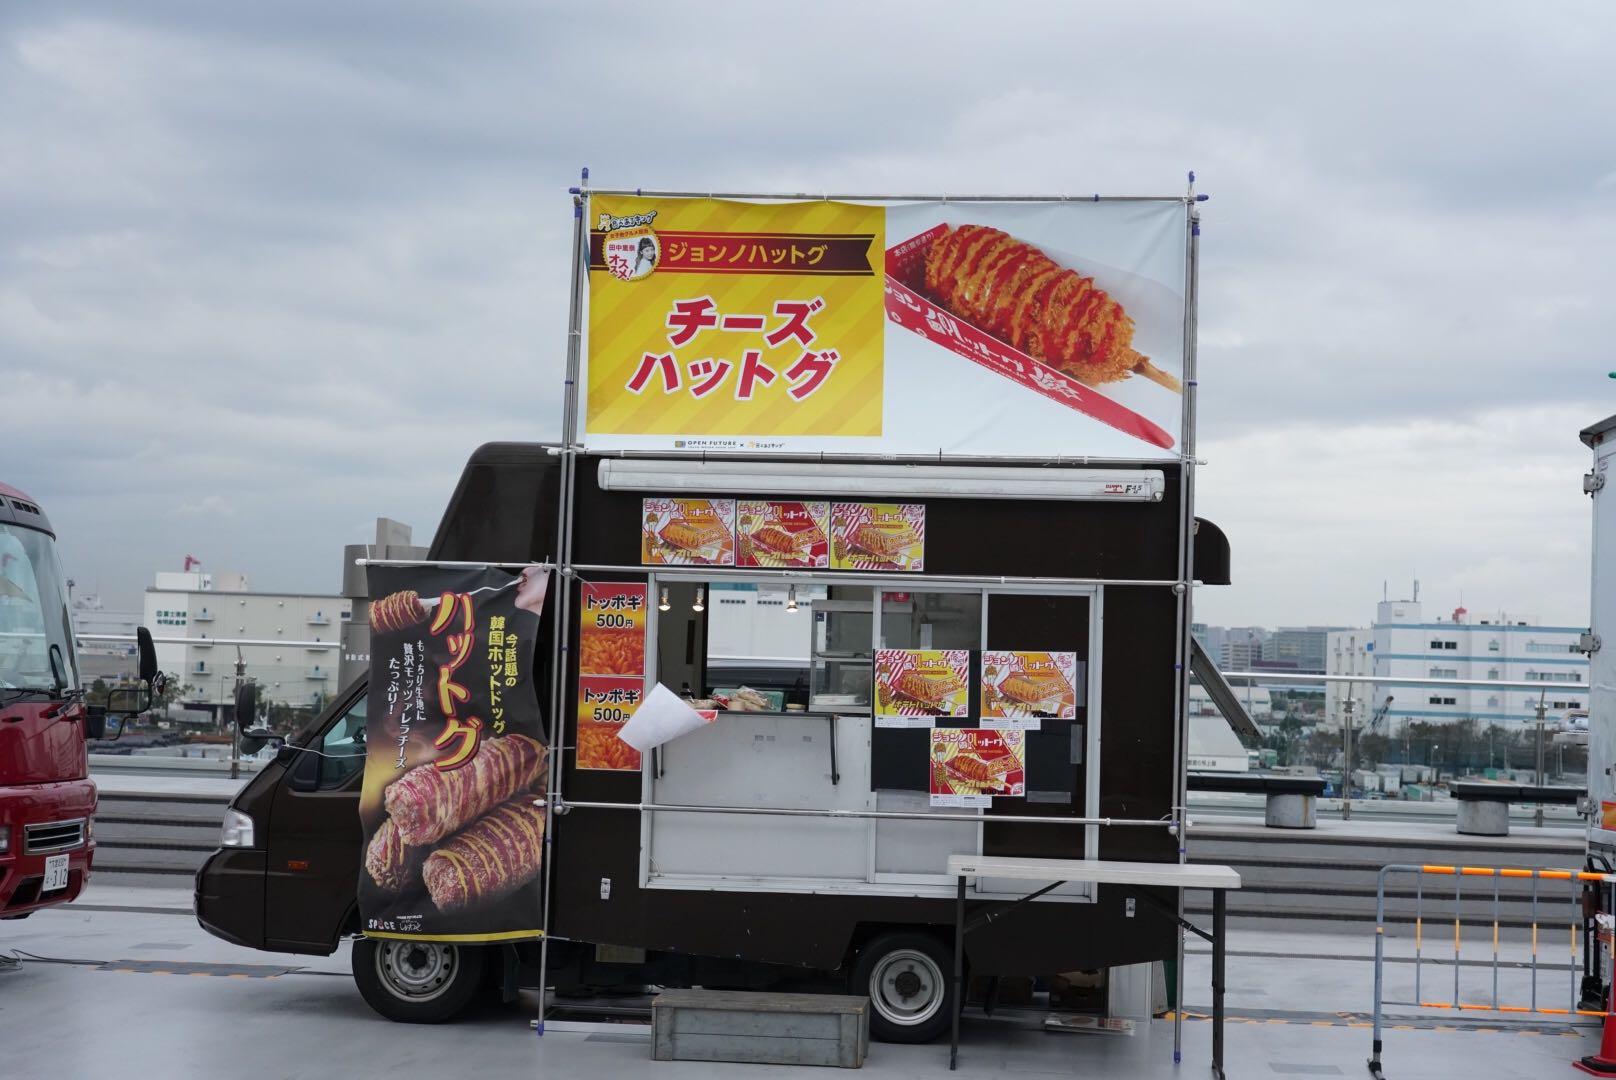 ジョンノハットグ グルメキングダム 東京モーターショー2019